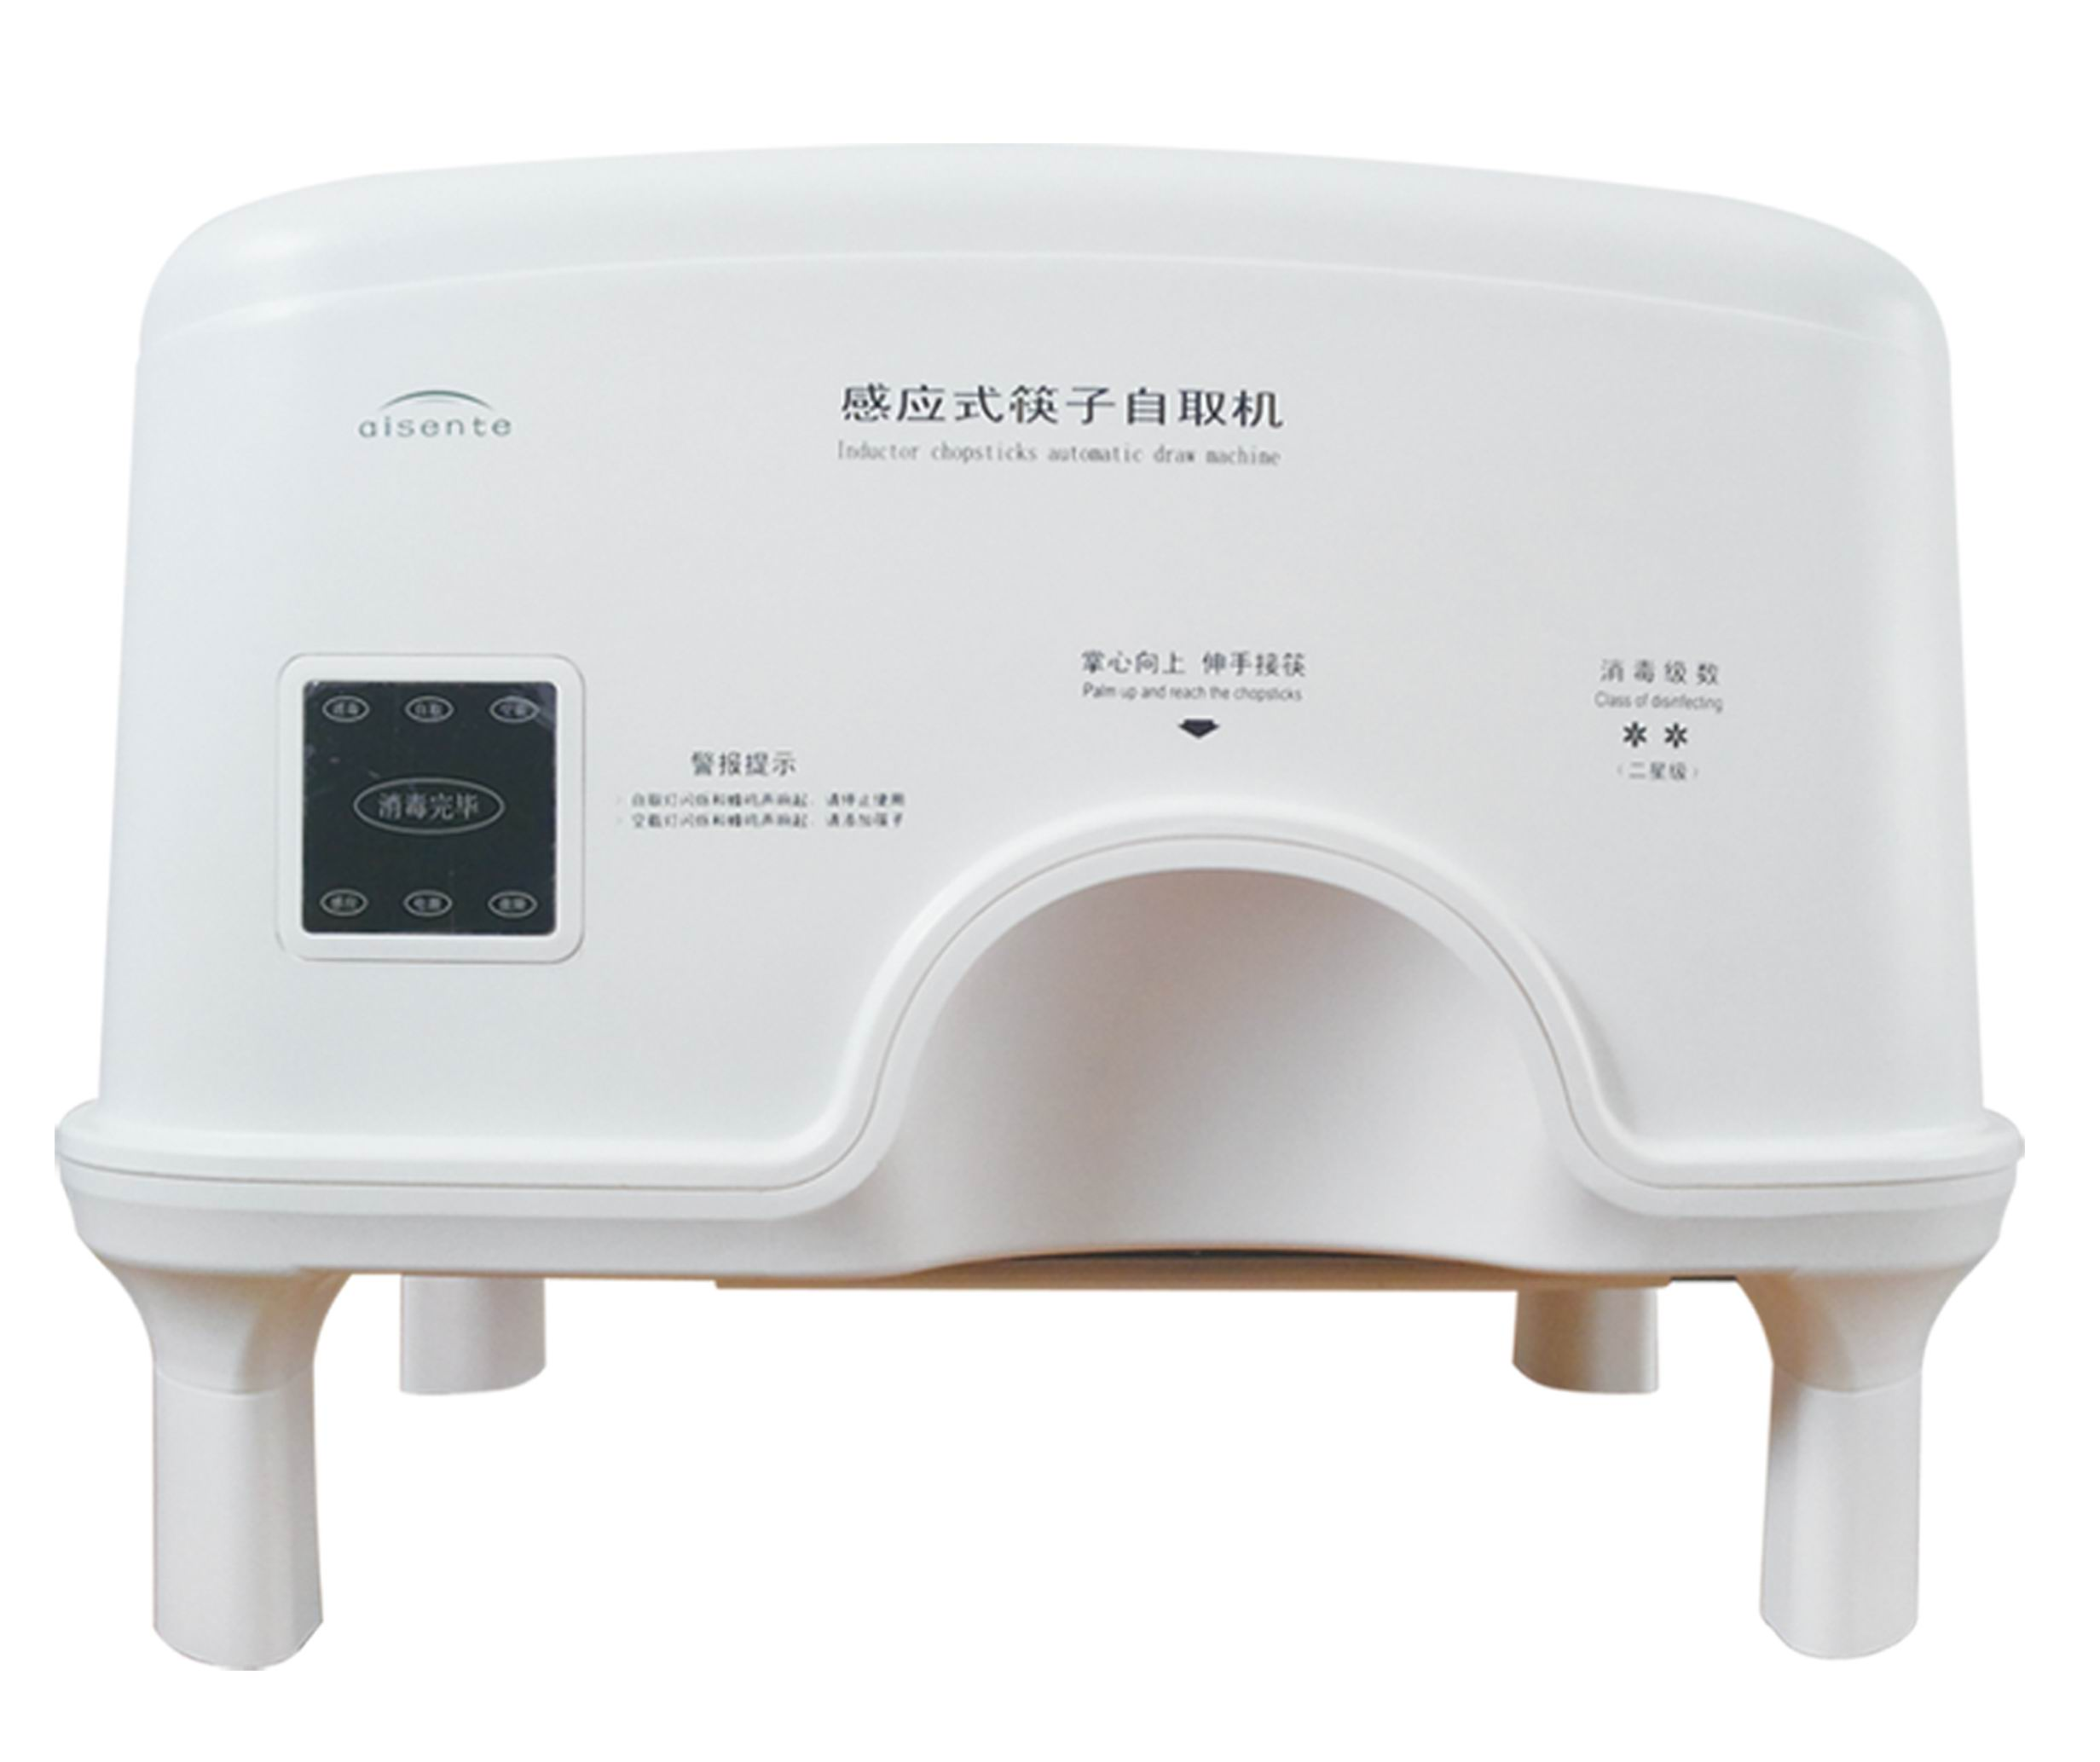 自动取筷机_感应式筷子自取机